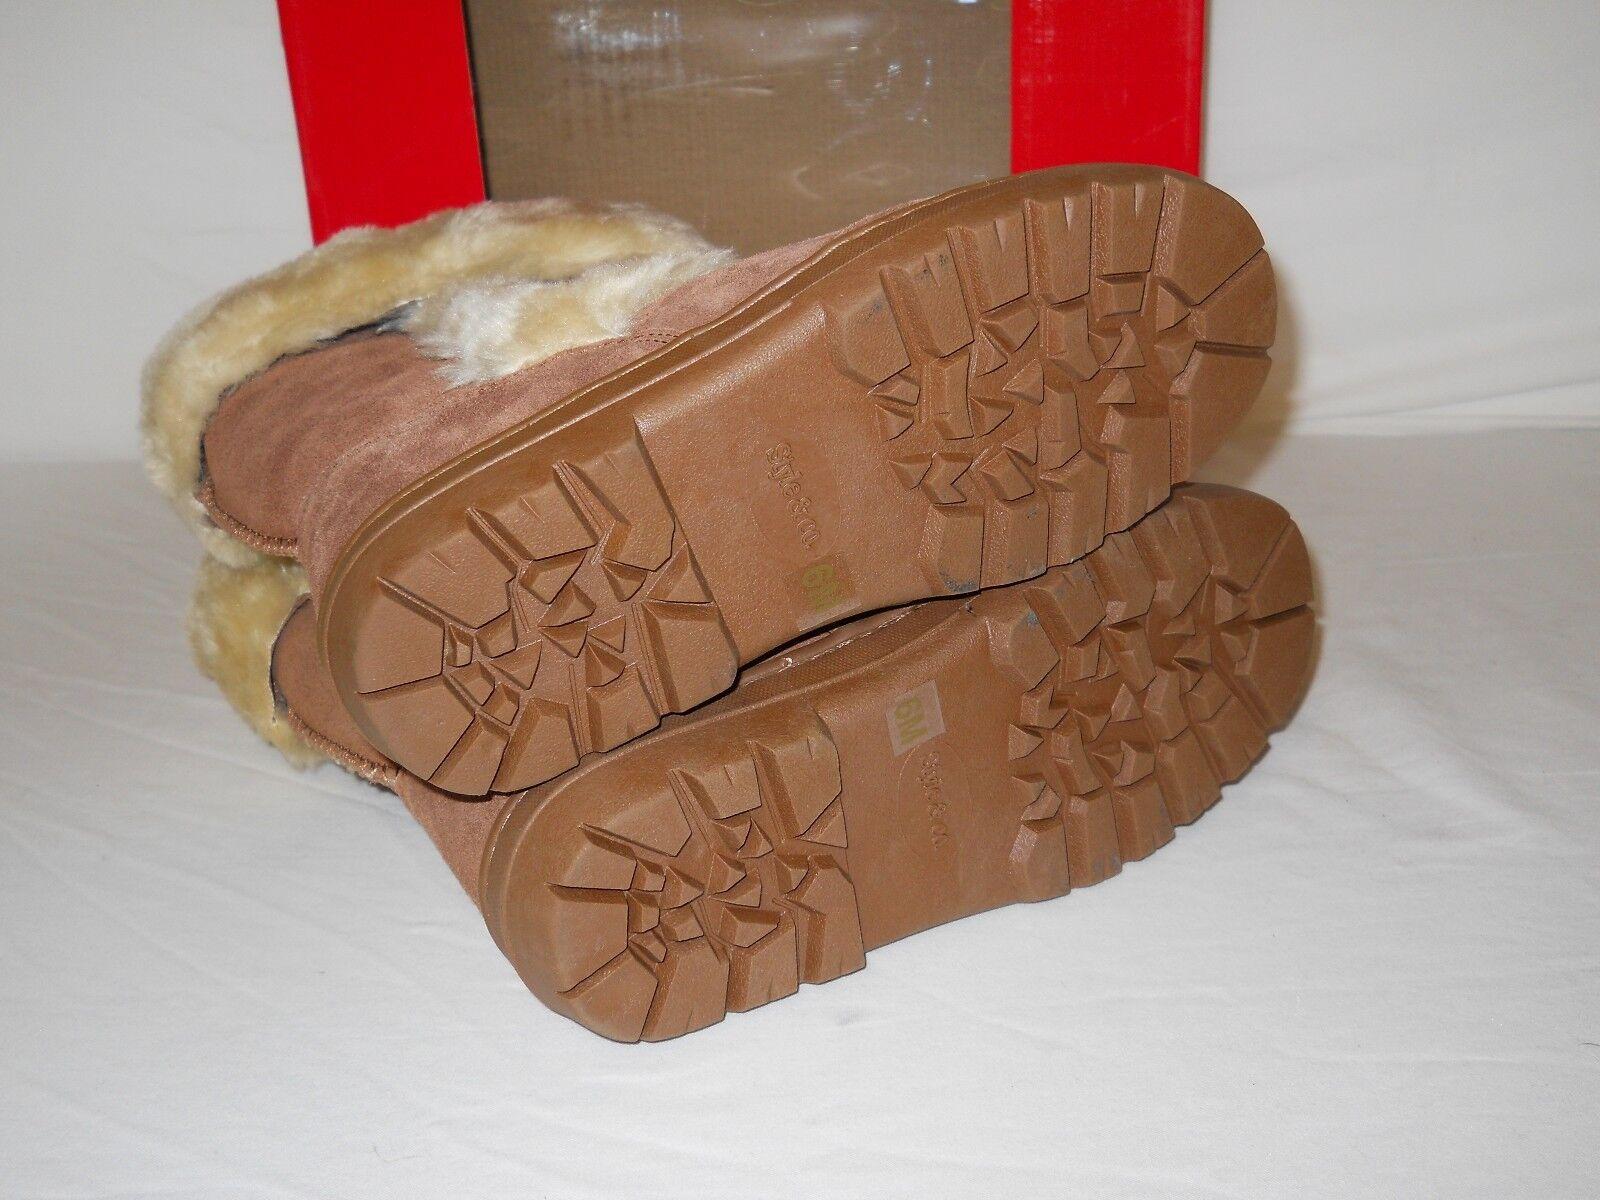 style & nouveau co - nouveau &  s spirituel tan de bottes en cuir 7 m chaussures oen bb1d84